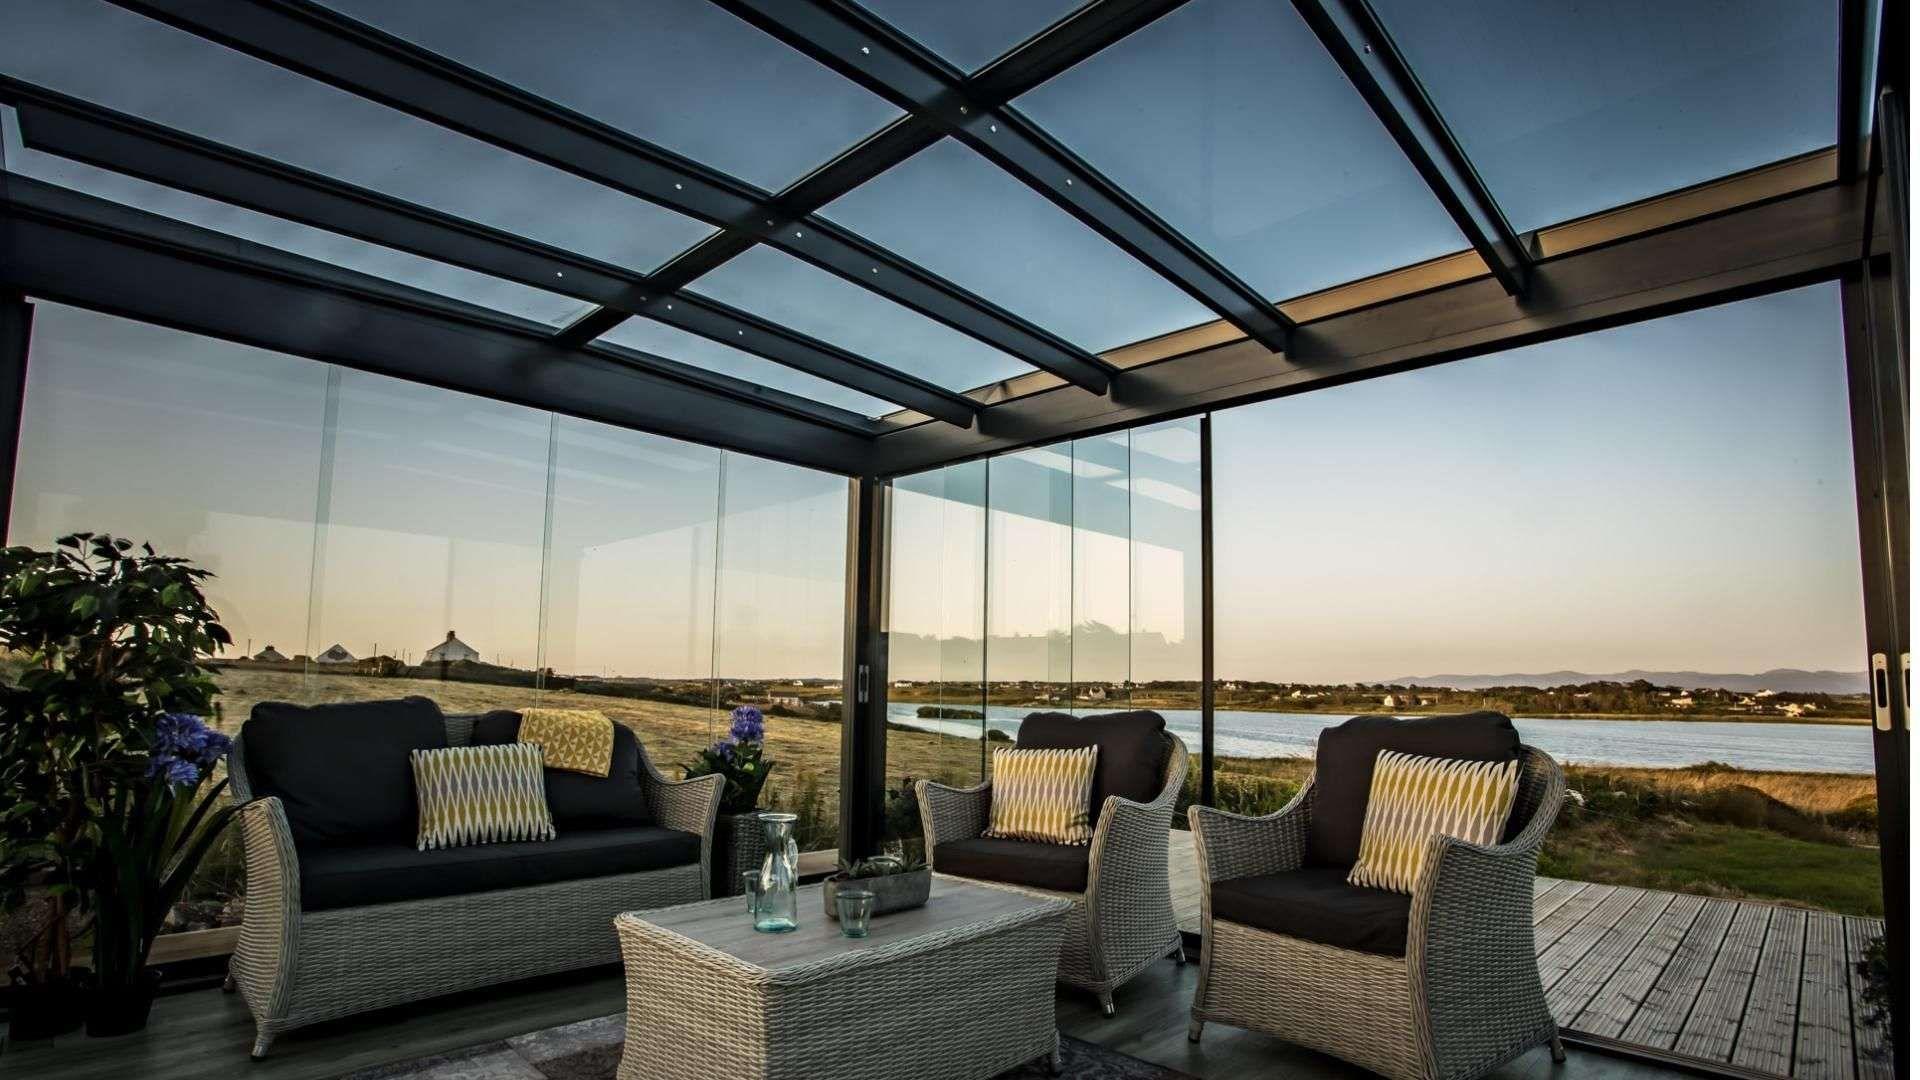 Innenensicht eines SDL Acubis Terrassendach mit Gartenmöbeln